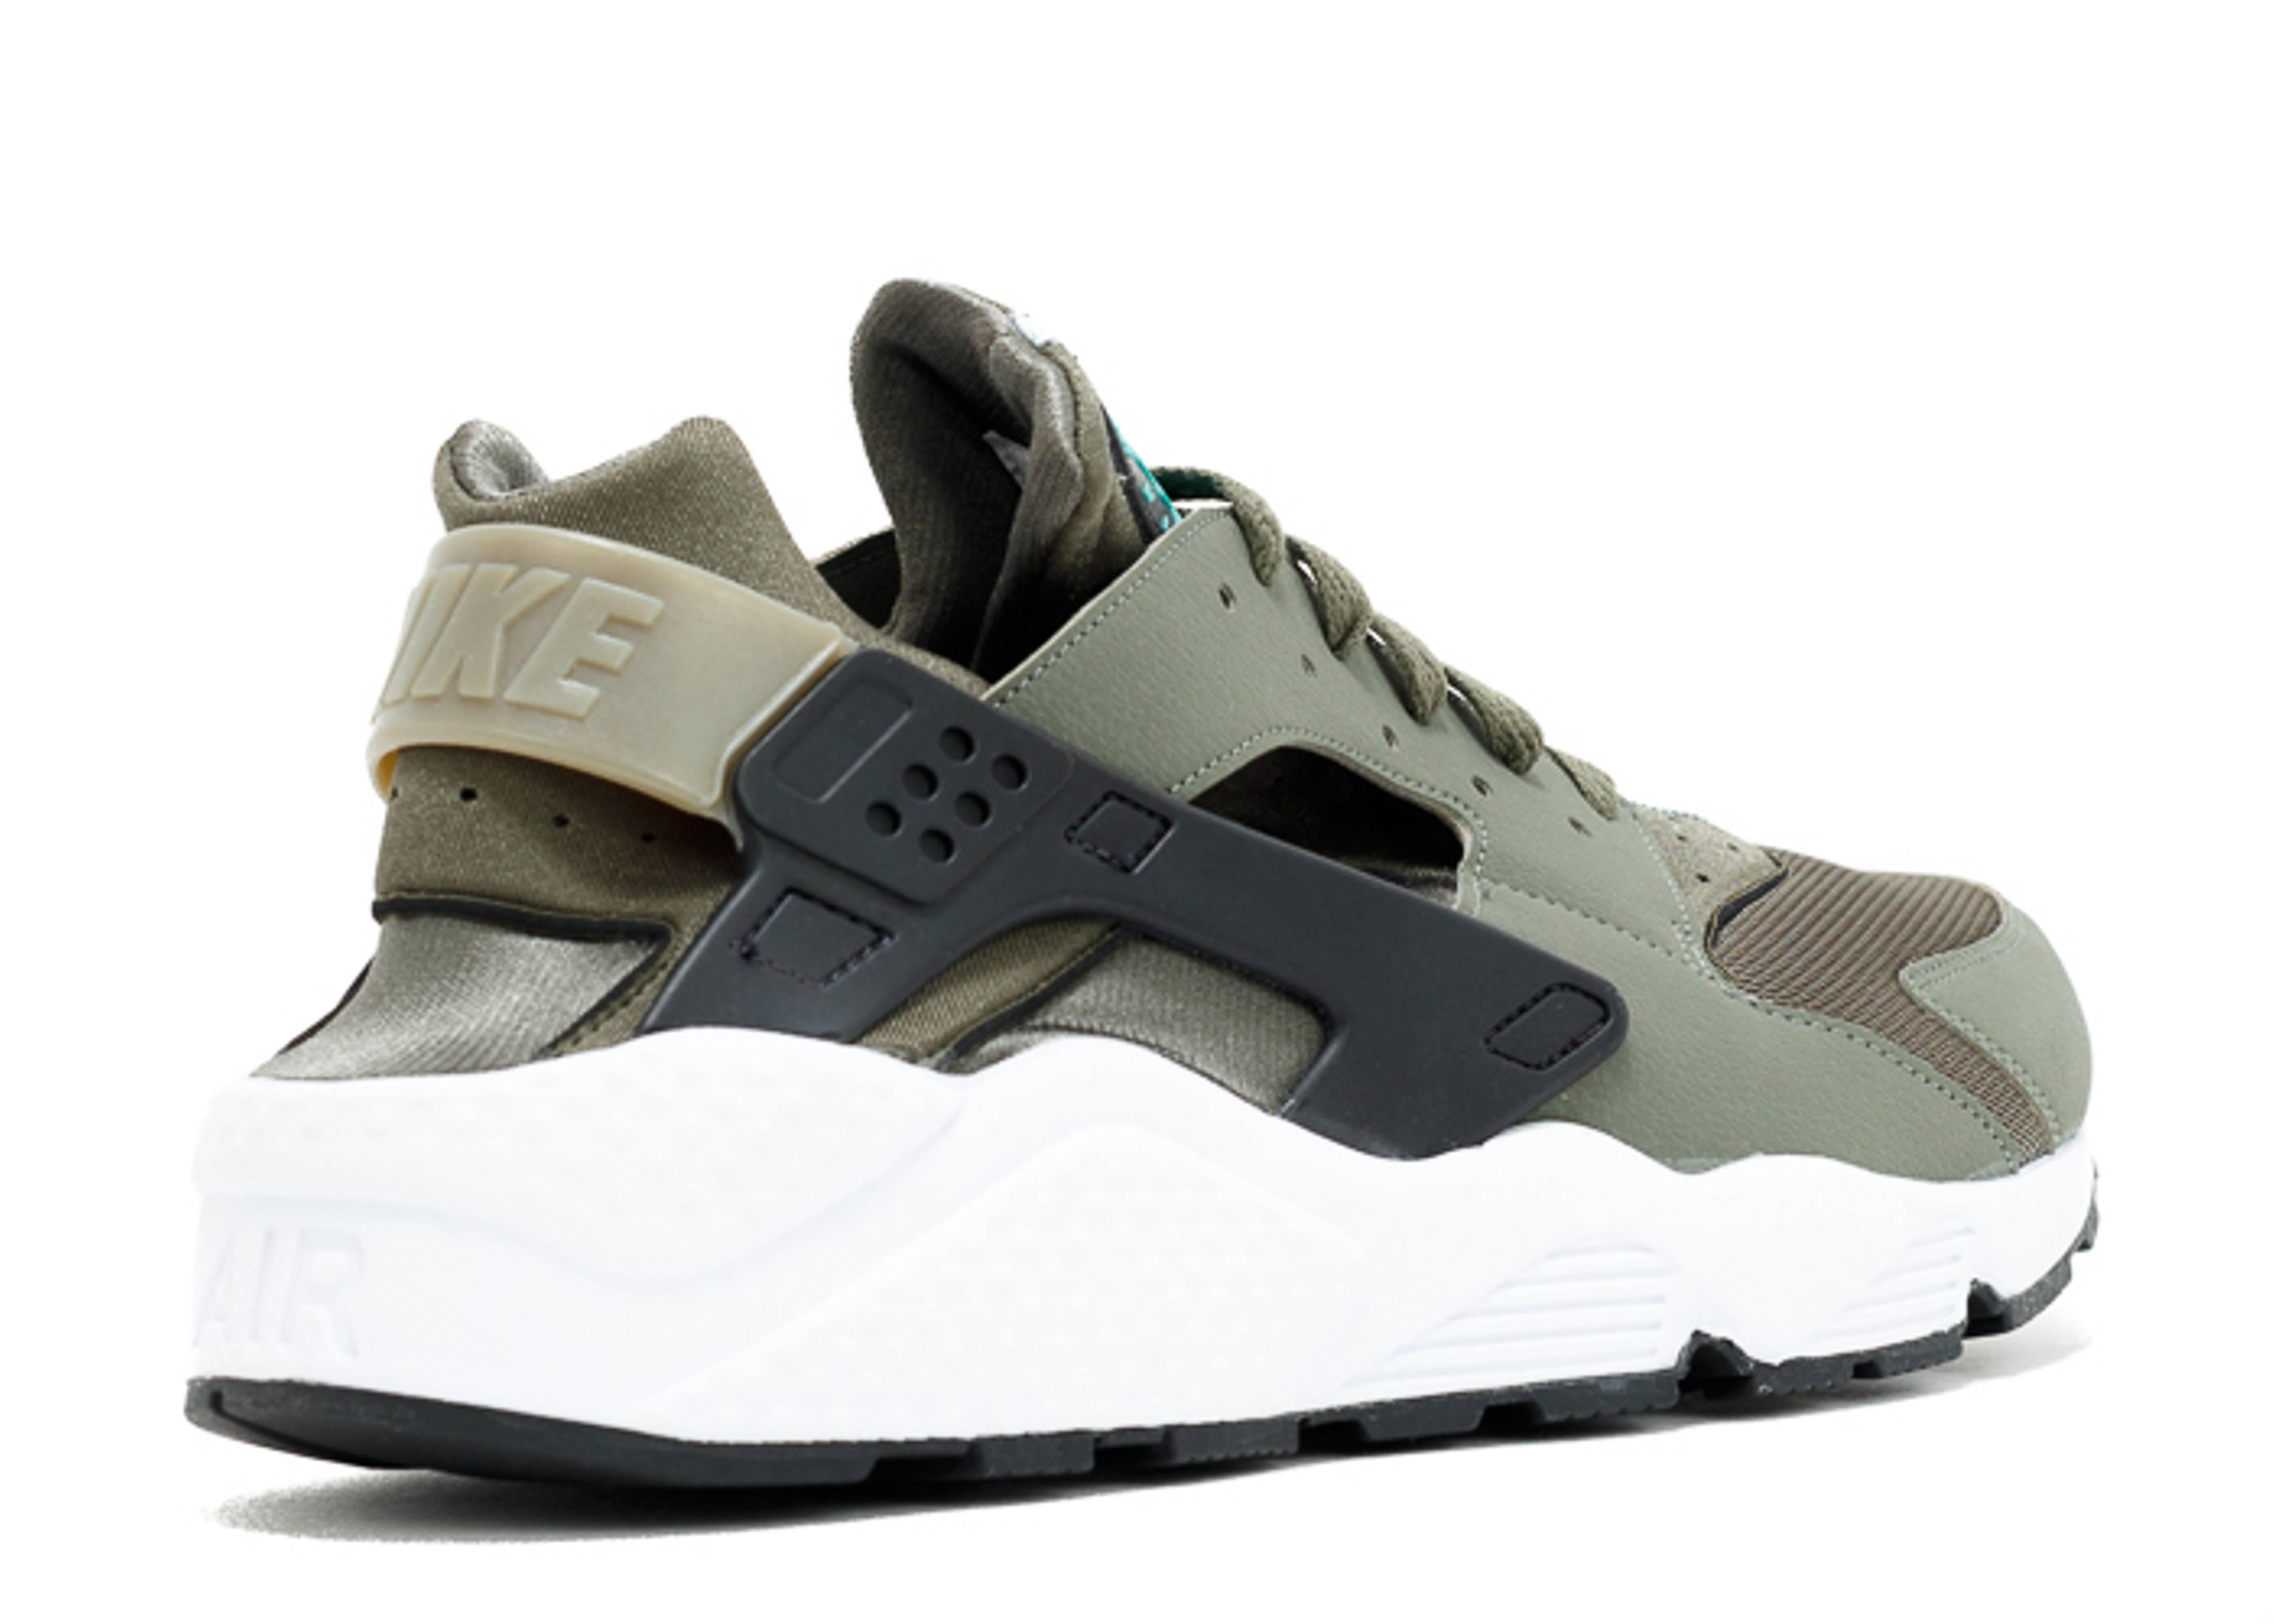 130d184fd970 ... Nike Air harach iron green 318429-300 ... air huarache ...